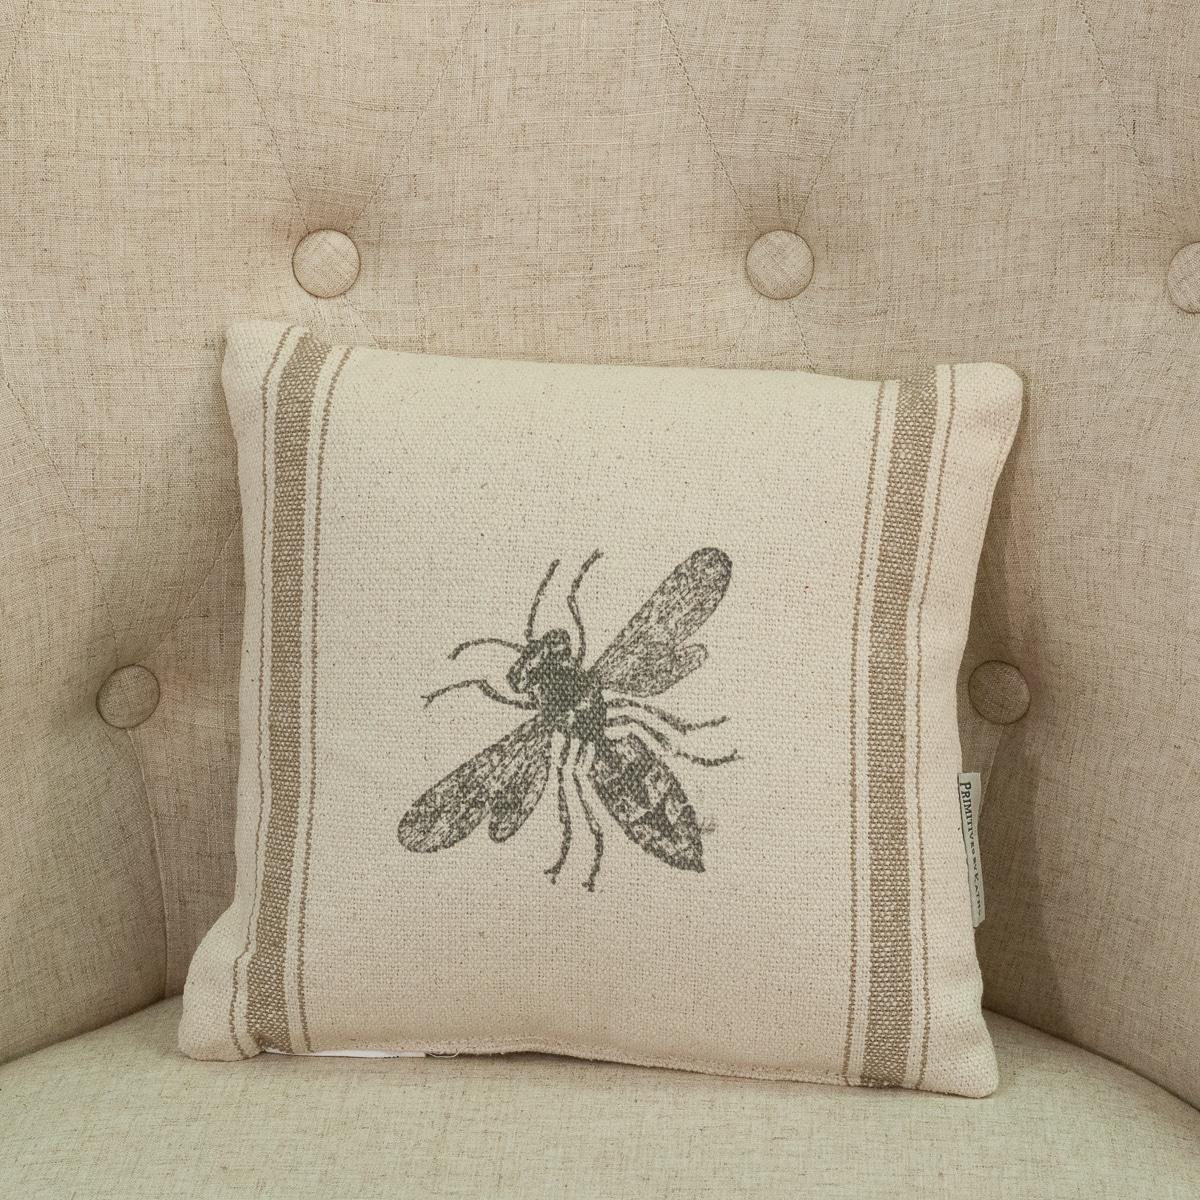 bumblebee 10 x 10 pillow